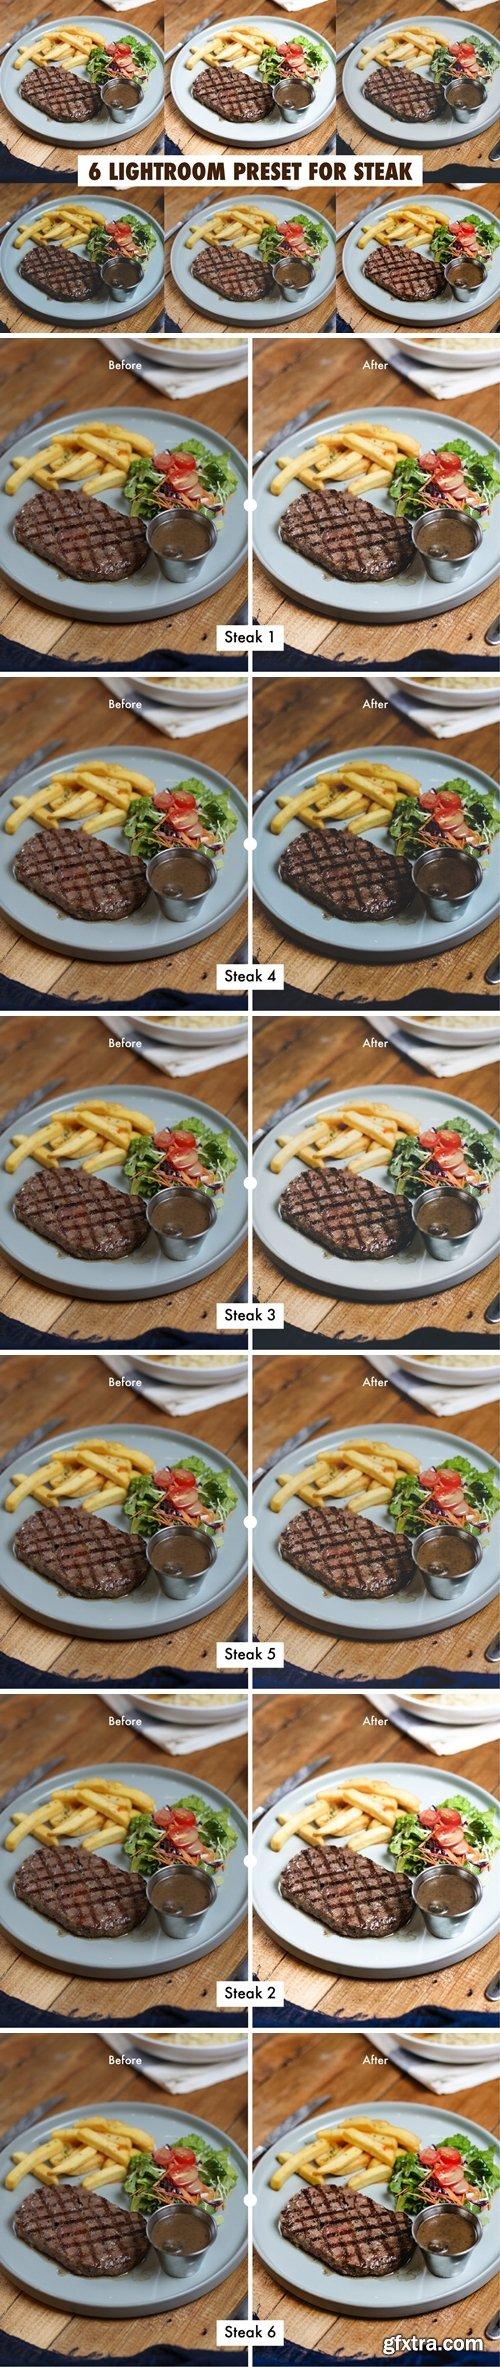 6 Lightroom Preset for Steak